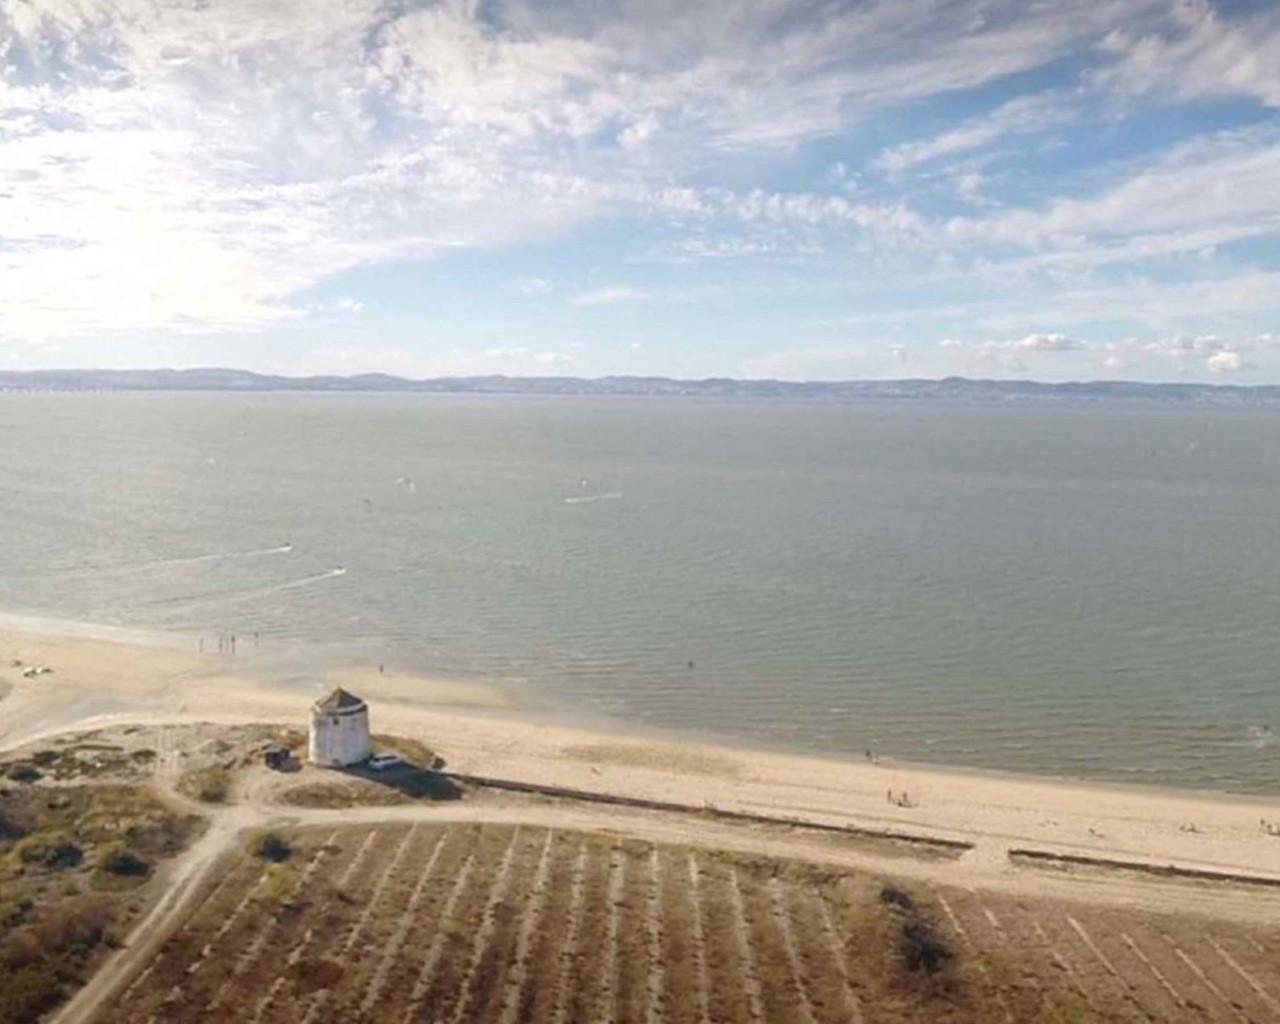 Praia dos Moinhos Alcochete - plage des moulins